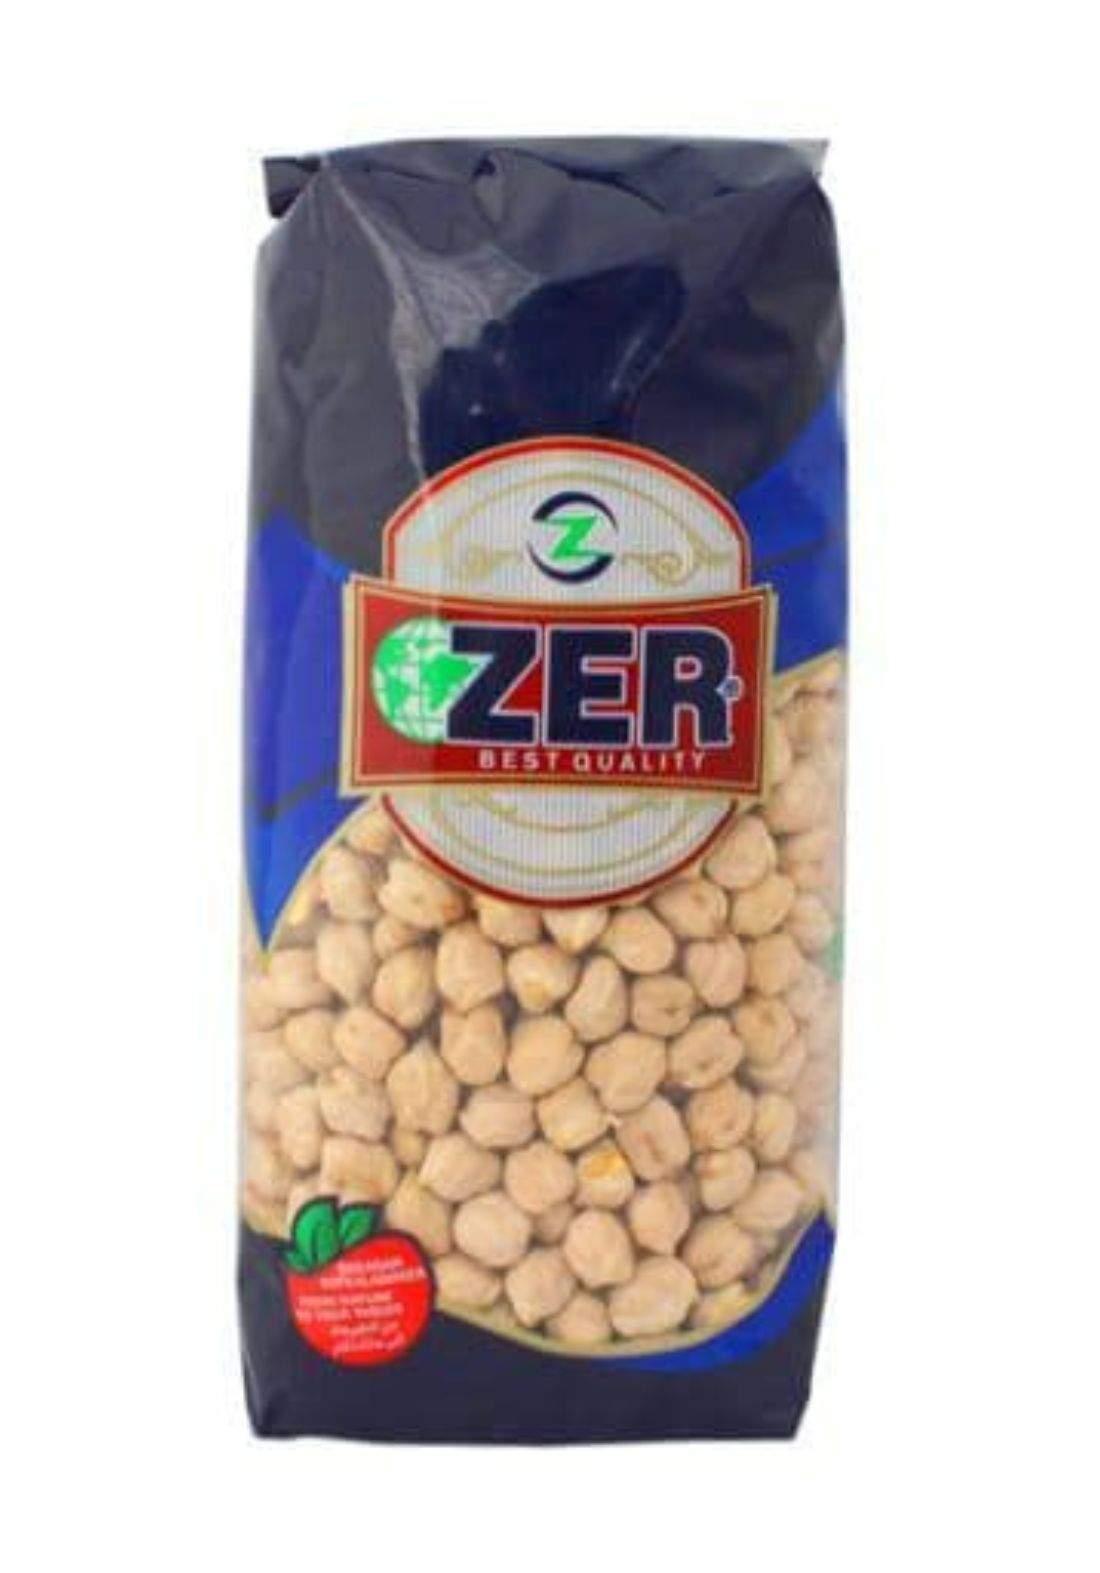 Zer chickpeas 700g زير حمص